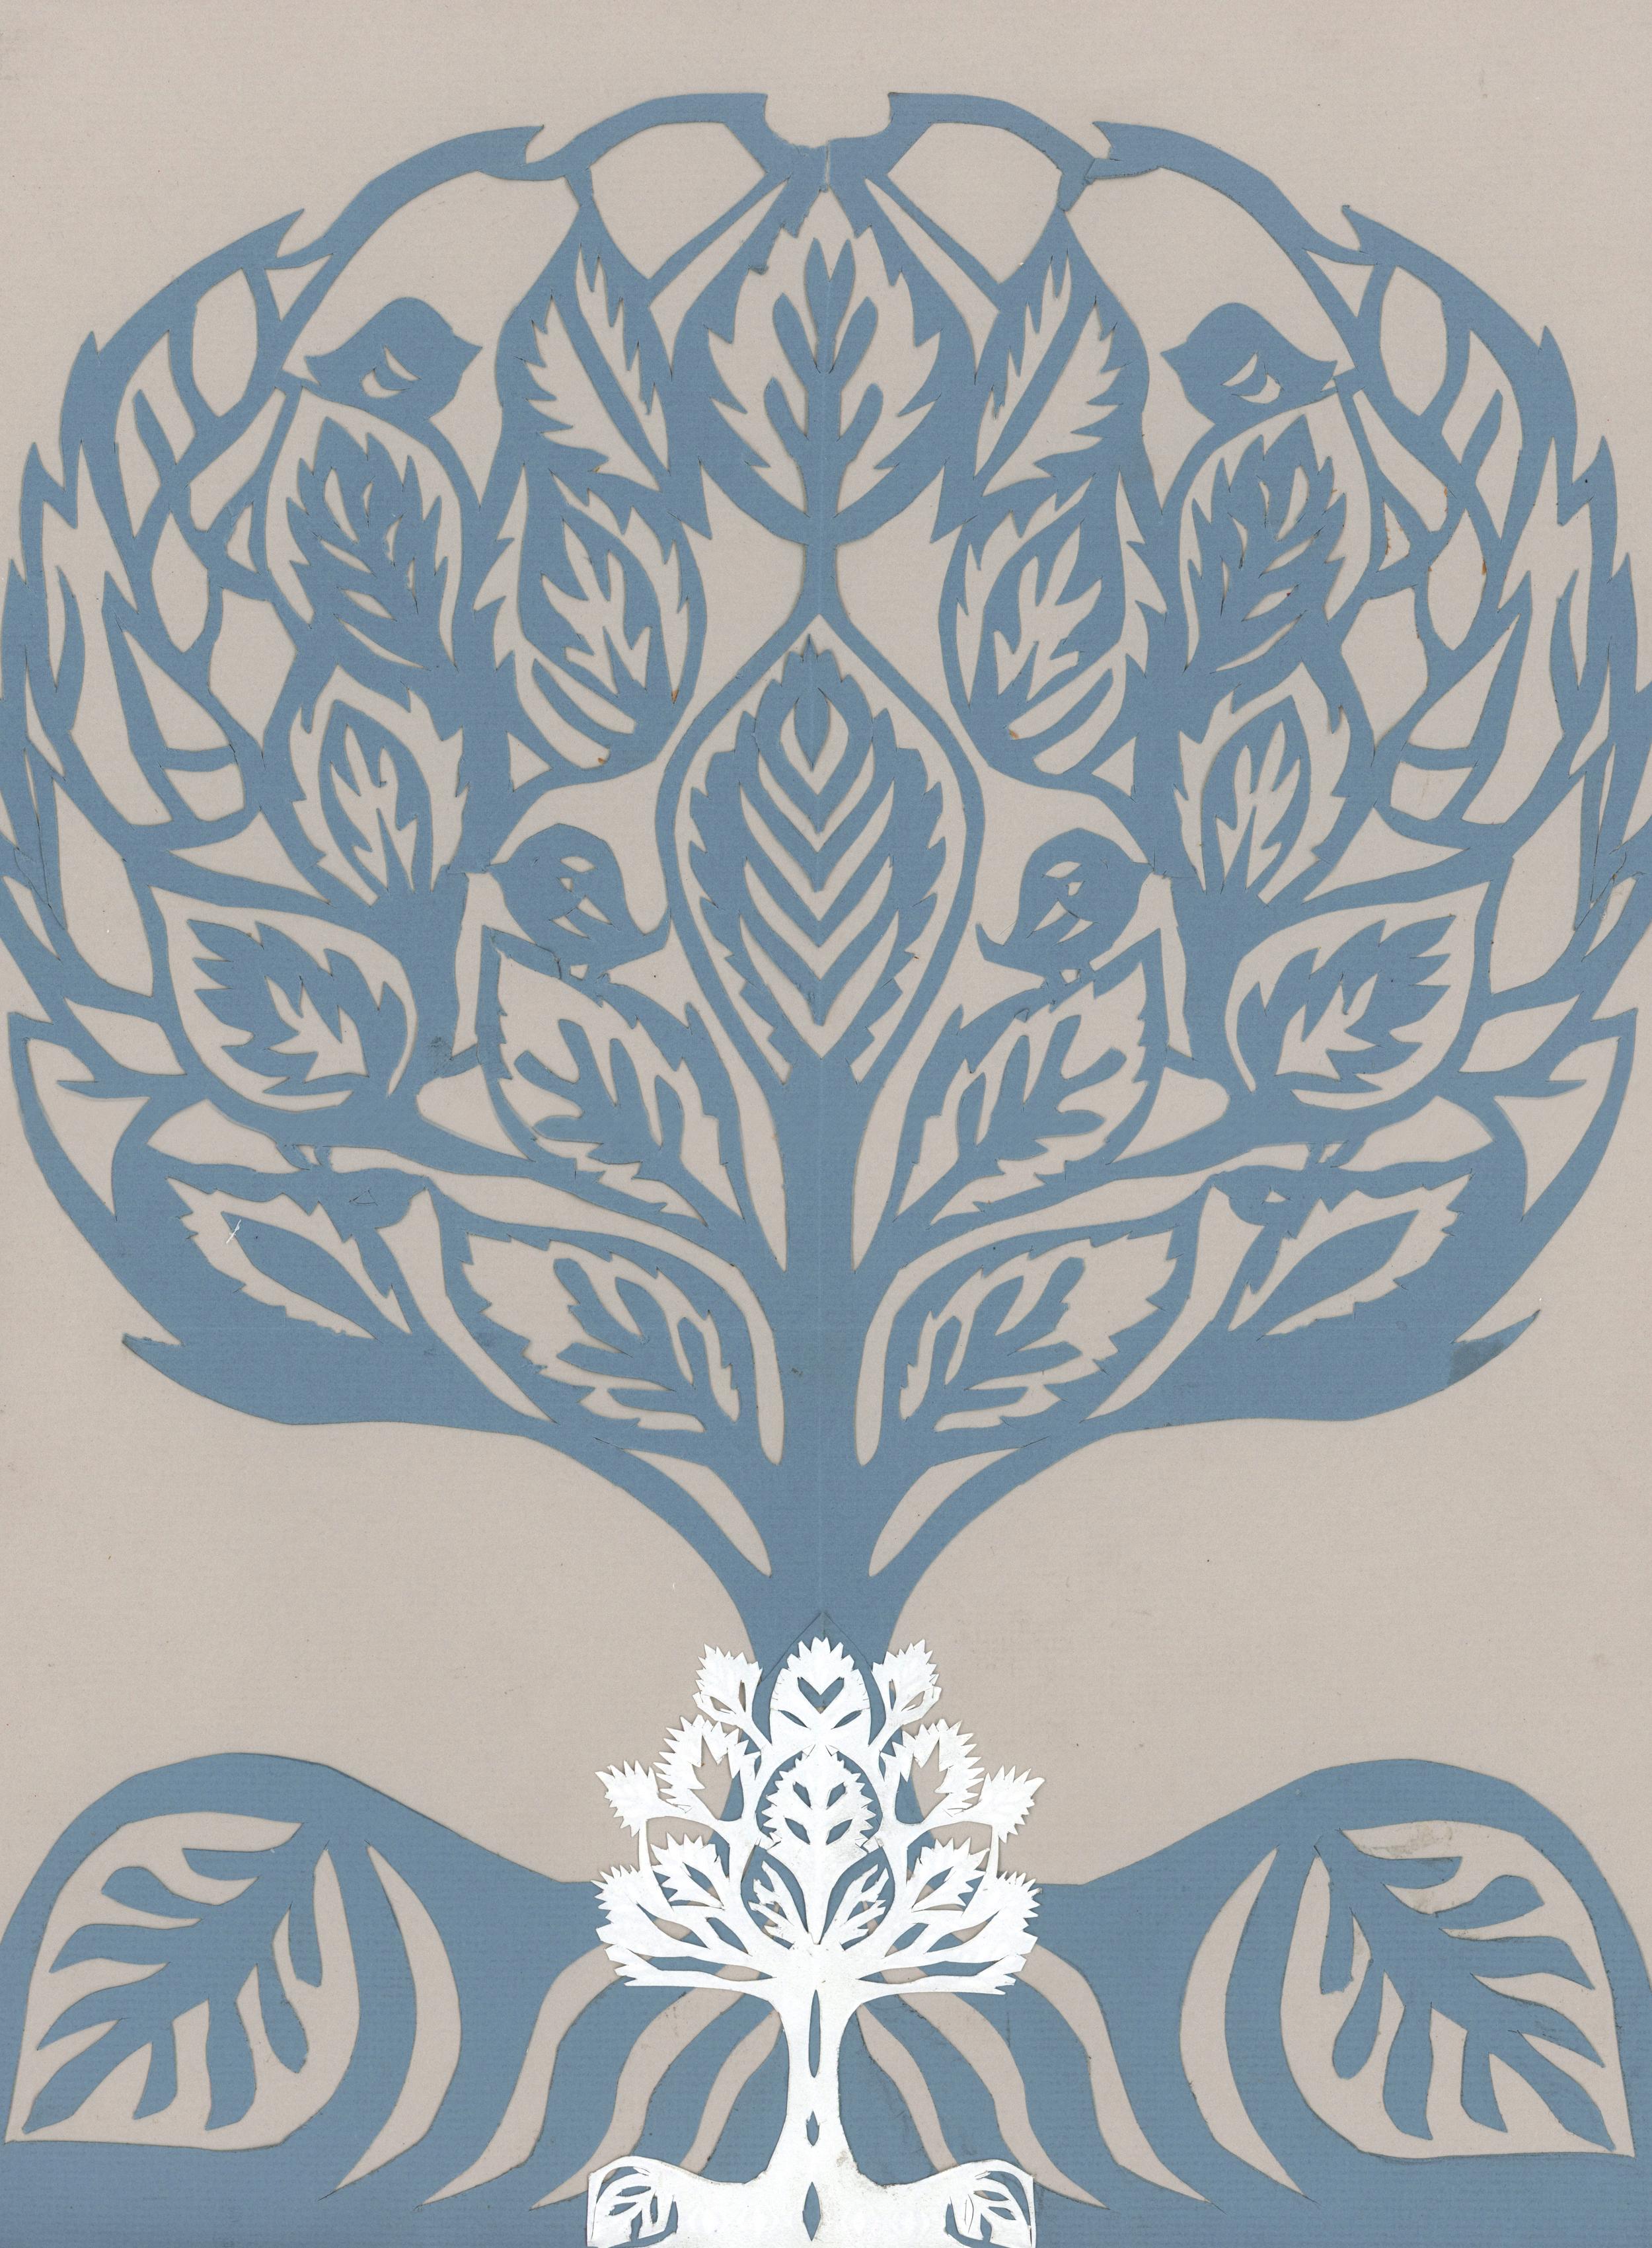 largetreecollage.jpg